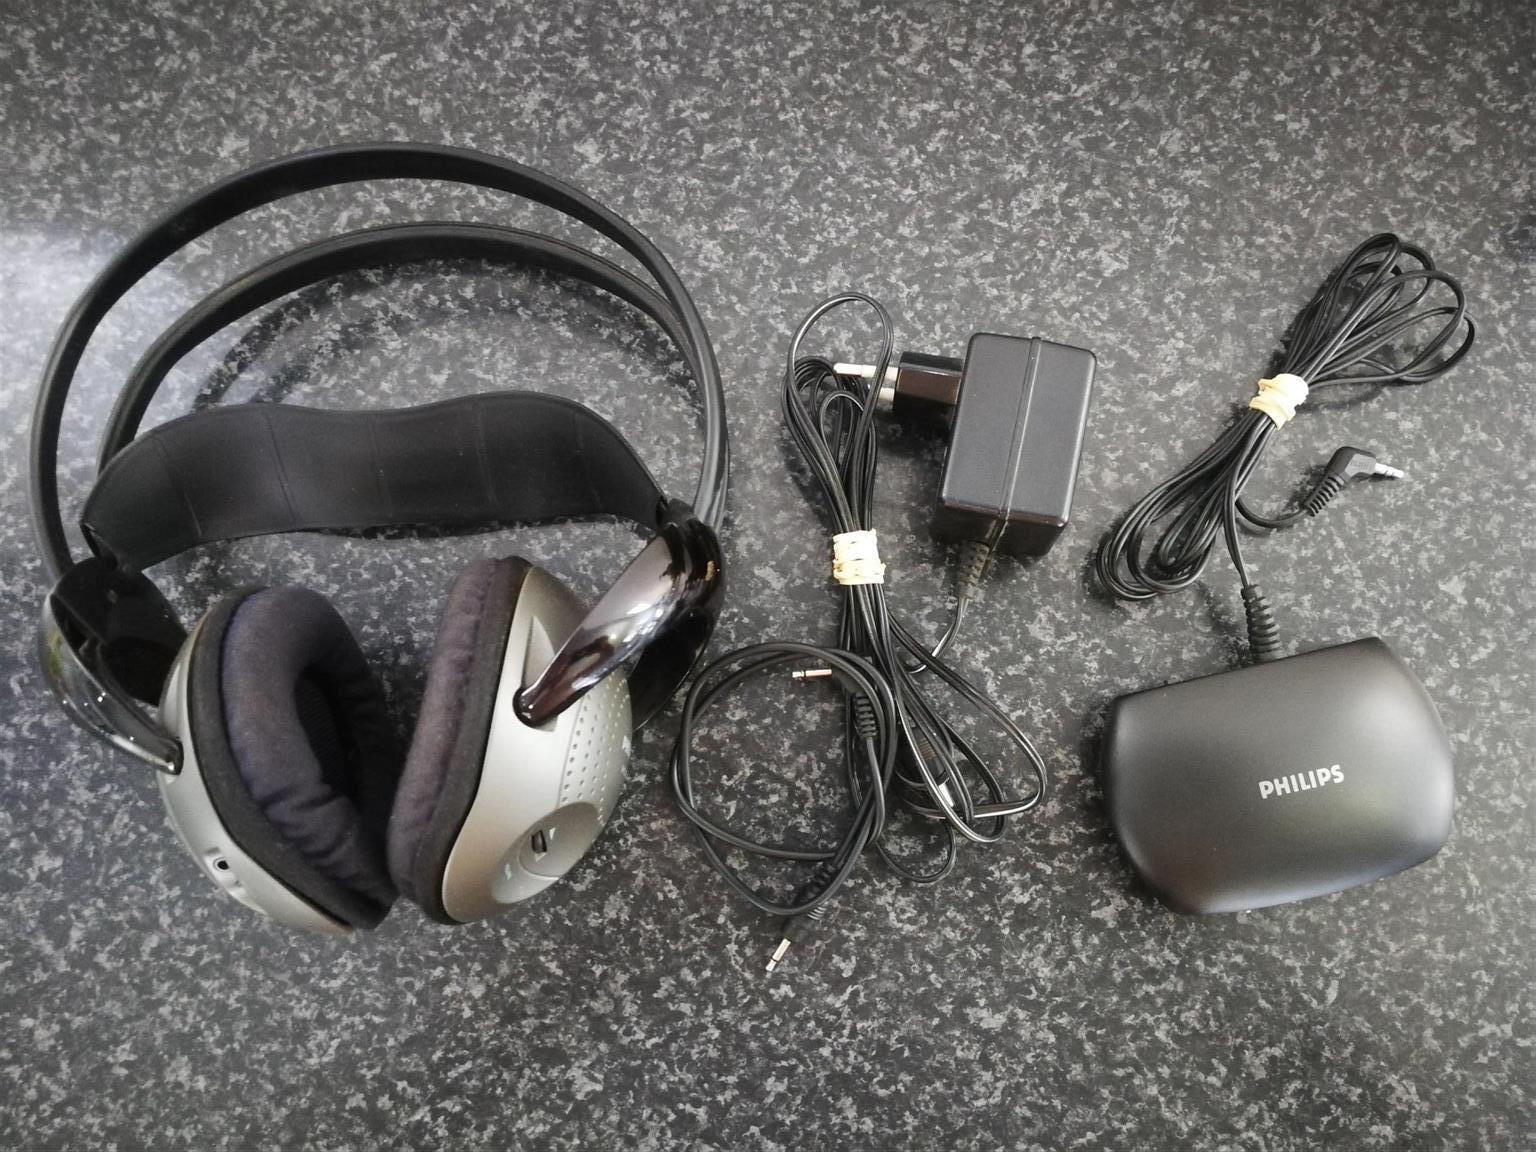 Phillips Wireless Tv Over Ear Headphones